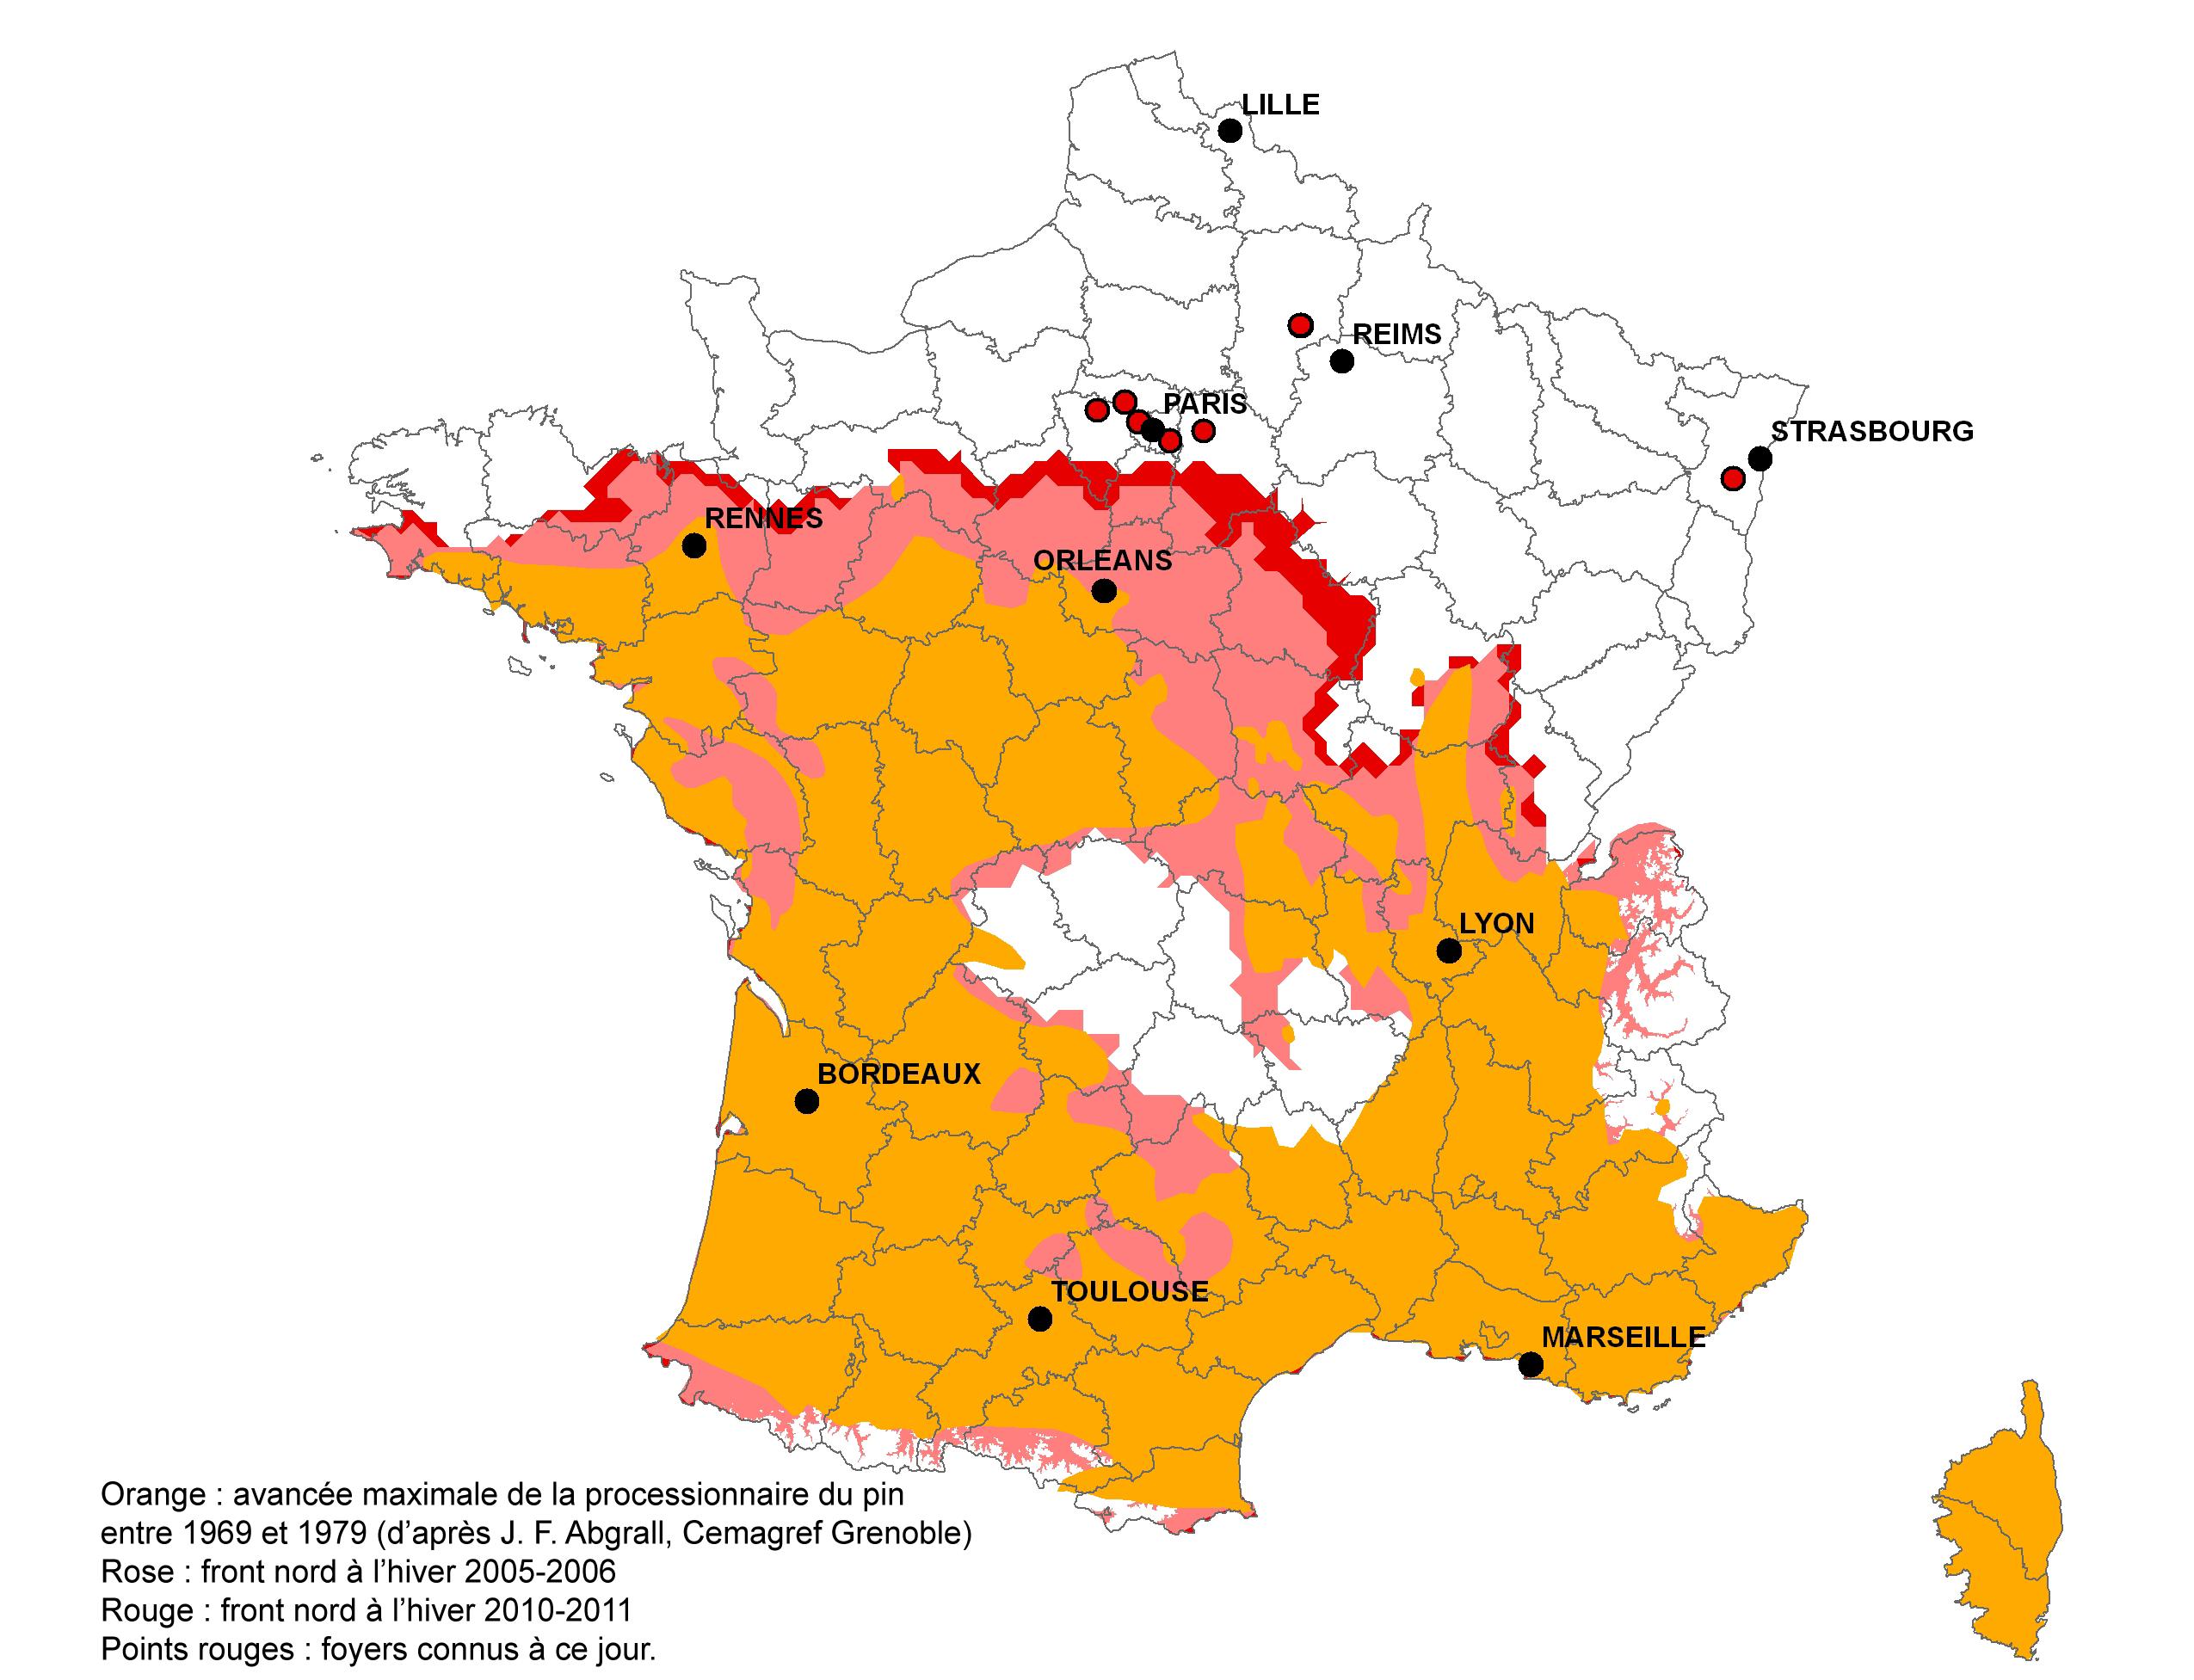 urgence-chenilles-processionnaire-carte